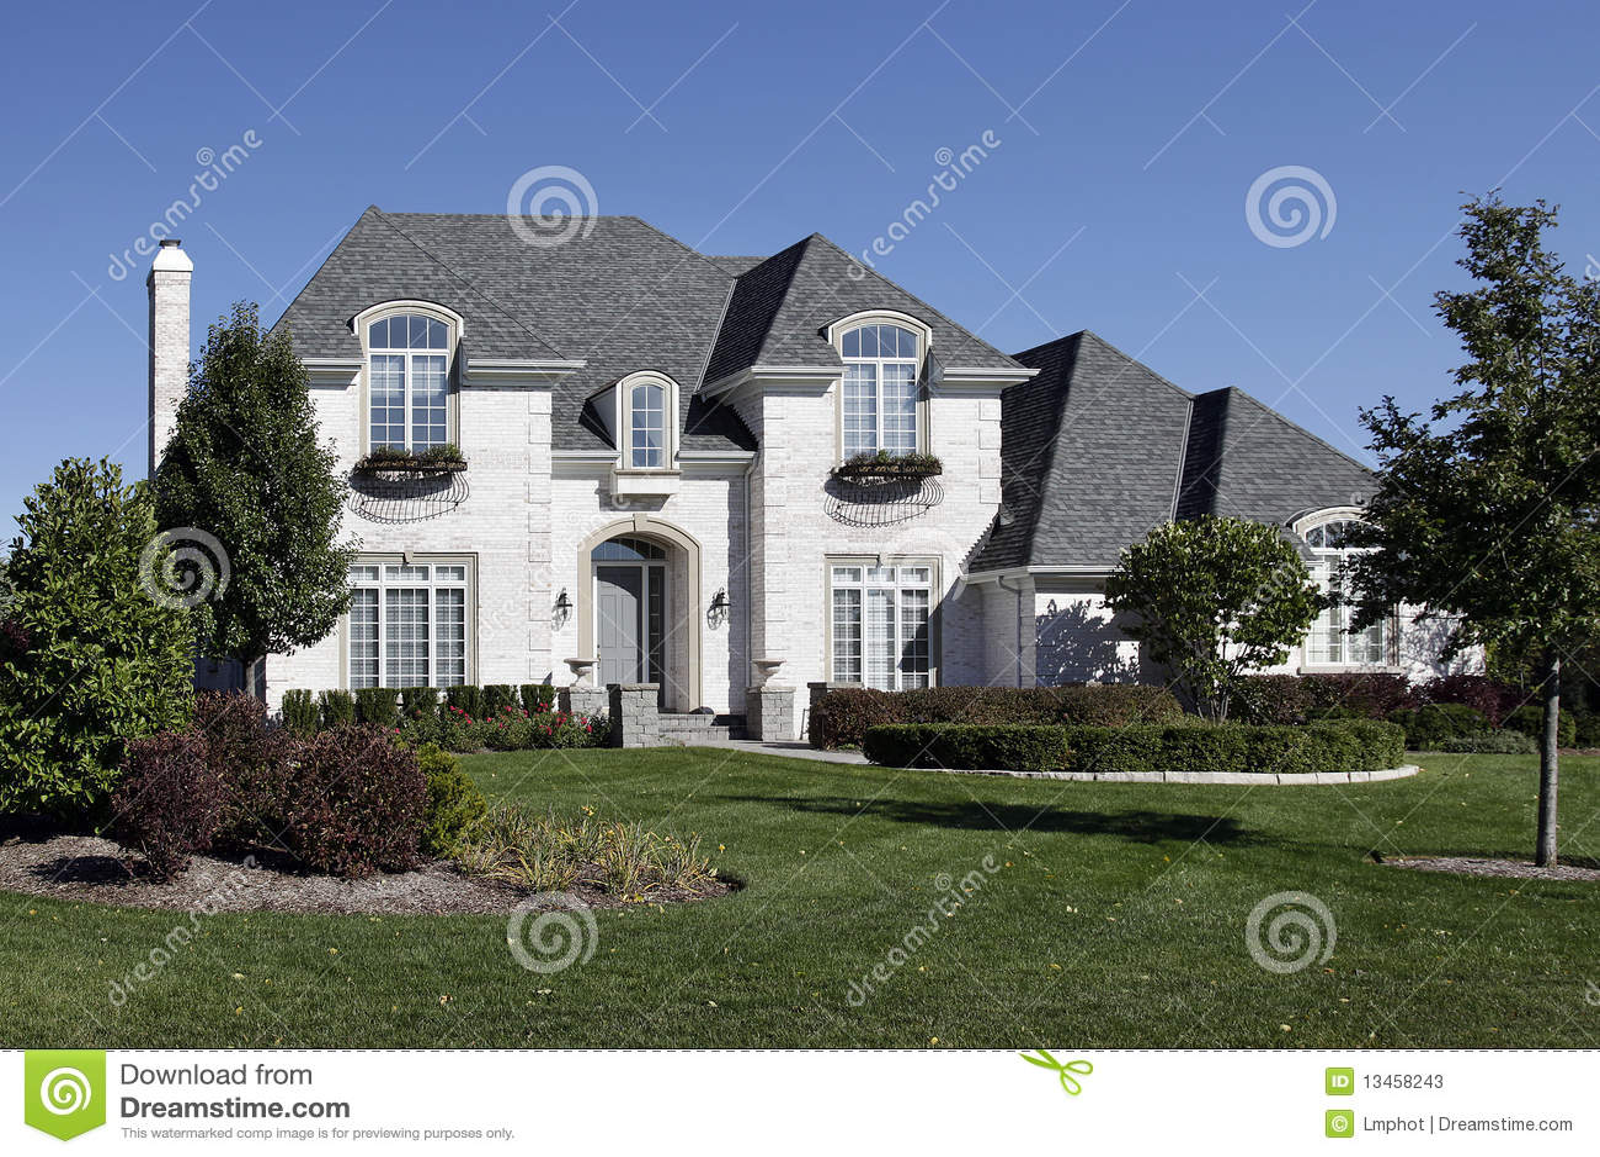 Maison blanche de brique avec l 39 entr e arqu e photos stock for Architecture de la maison blanche